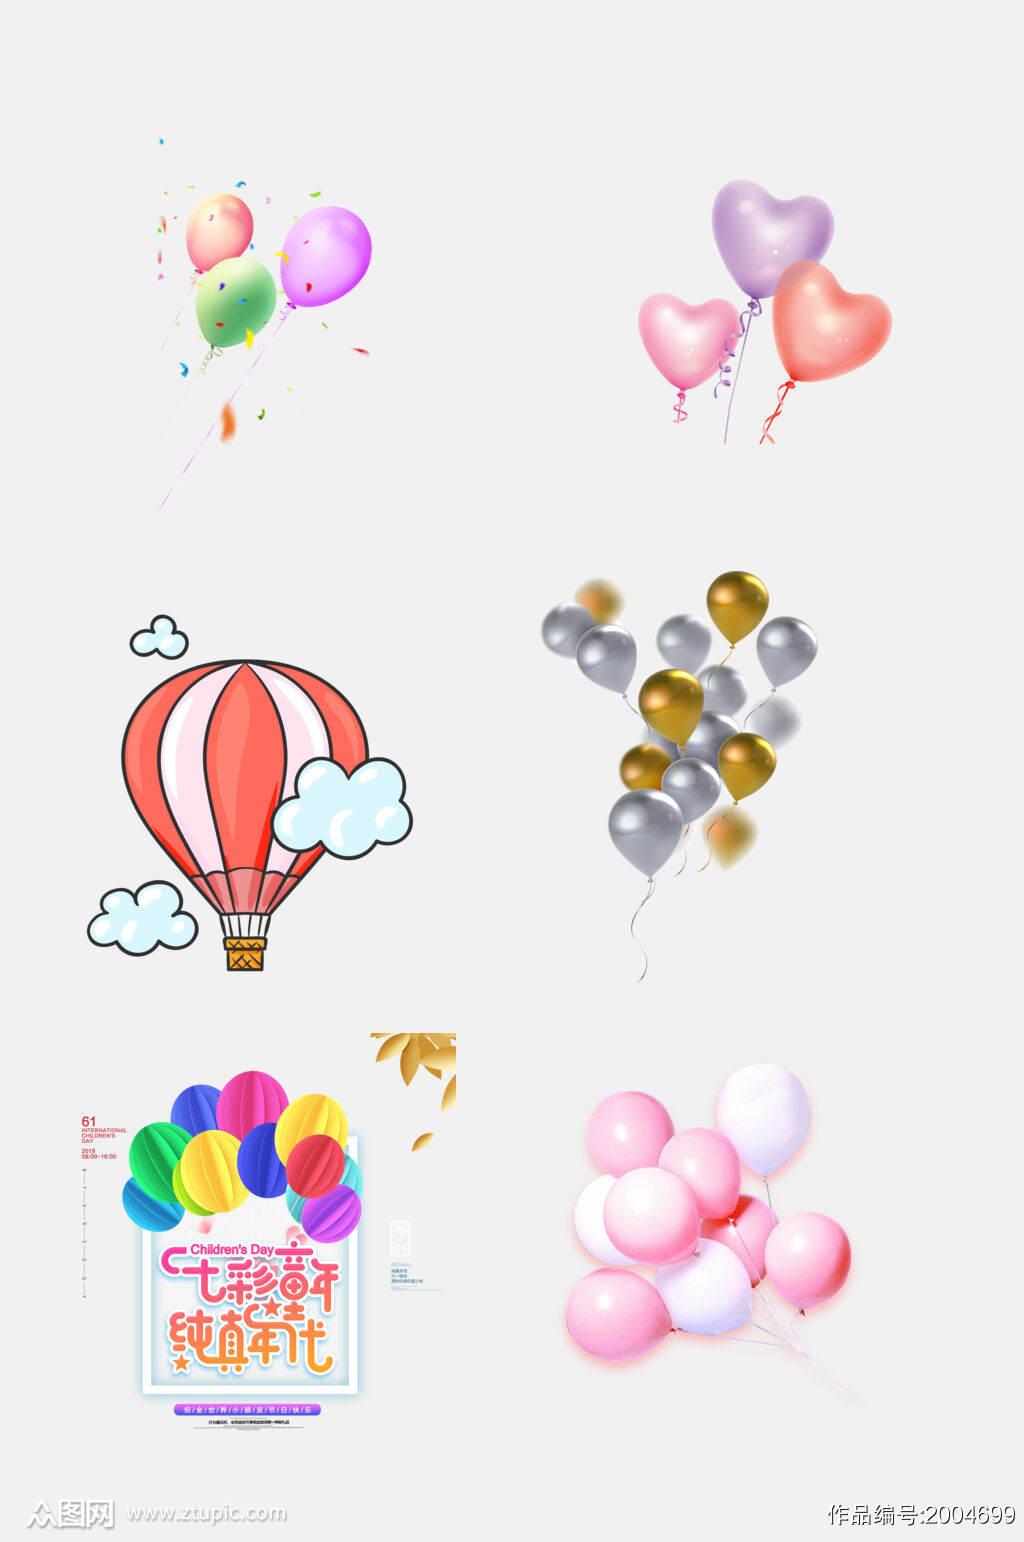 手绘可爱童年气球免抠元素素材